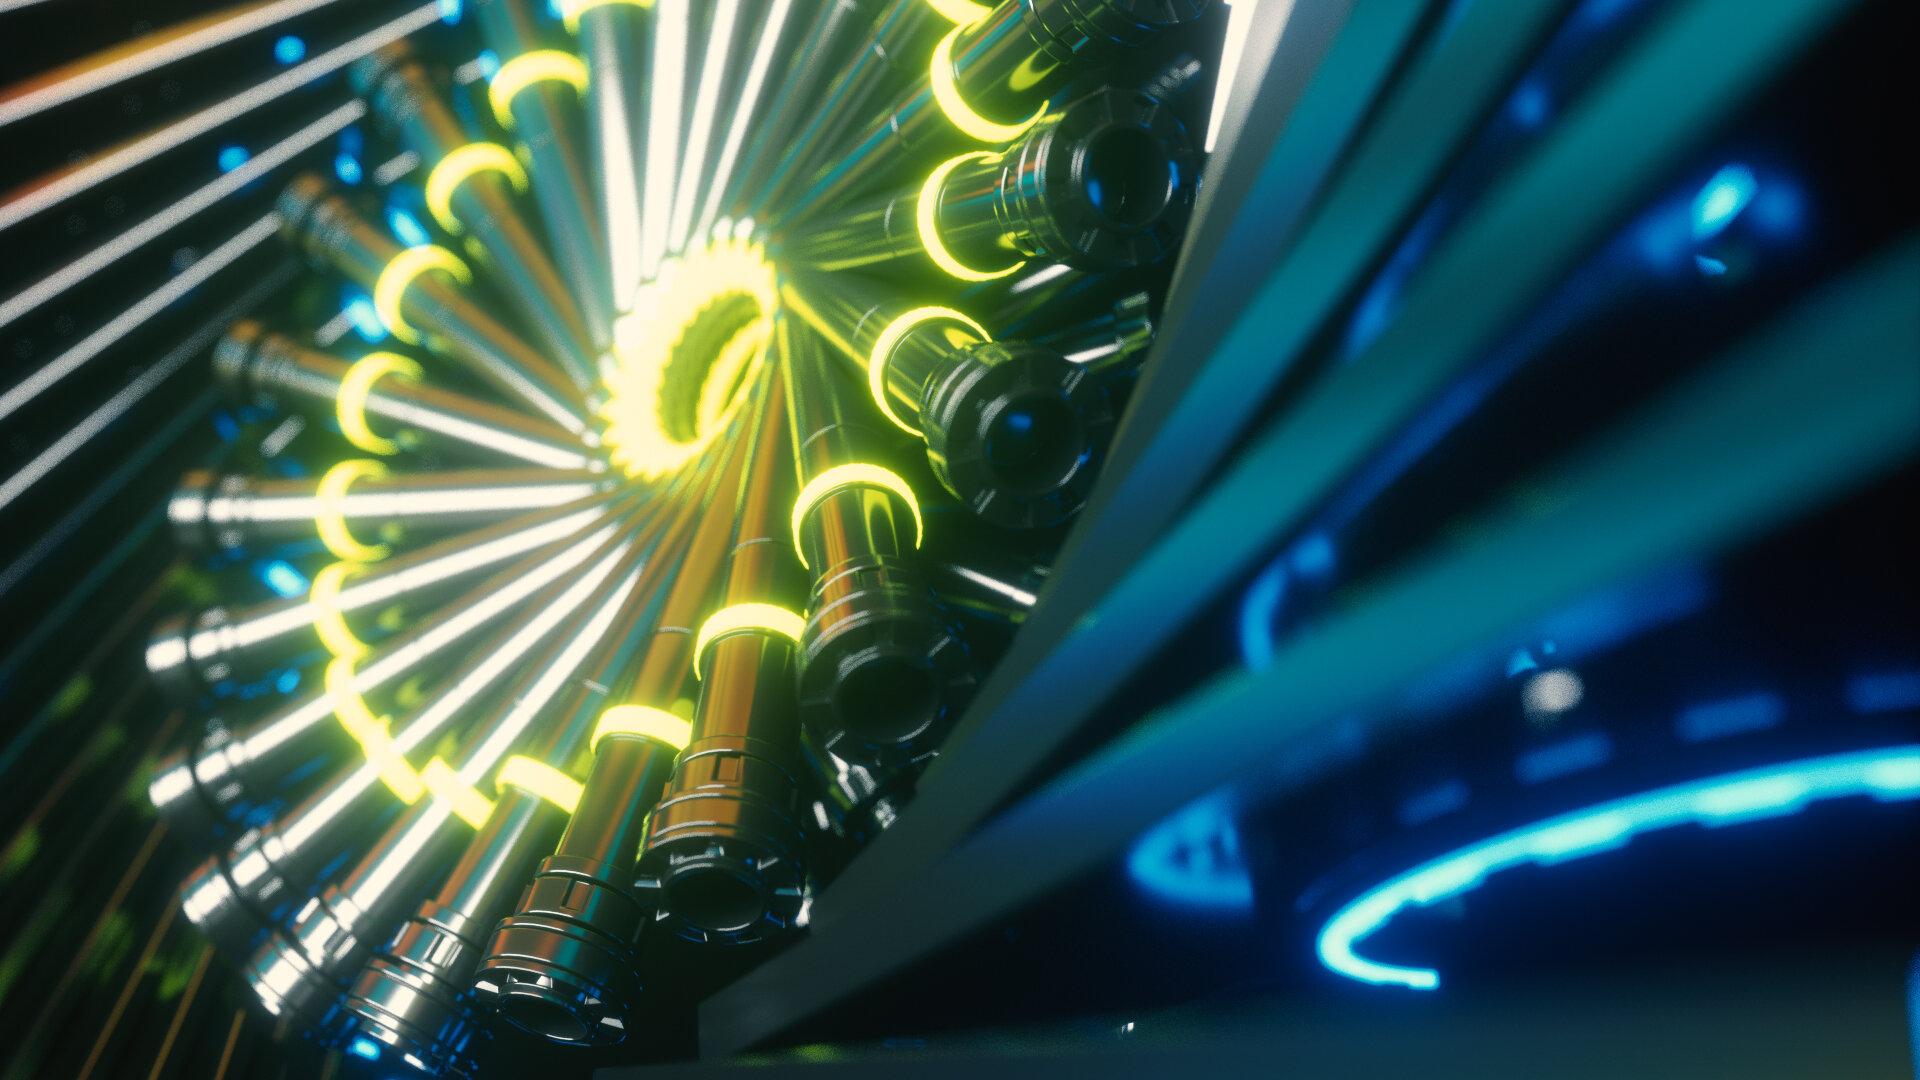 Tech Swirls